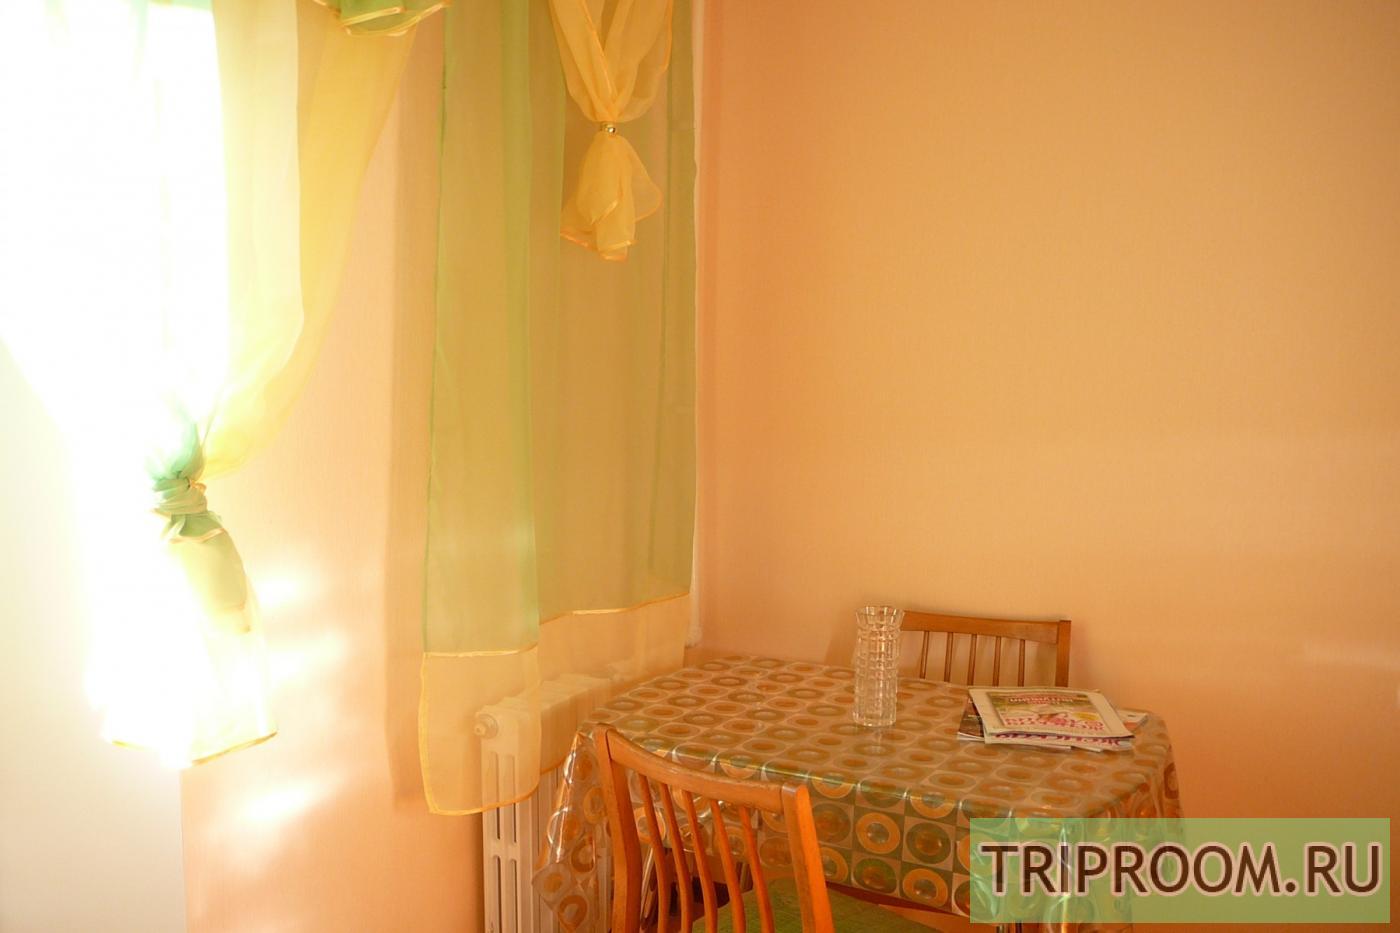 1-комнатная квартира посуточно (вариант № 20895), ул. Ленинский пр-т, фото № 3